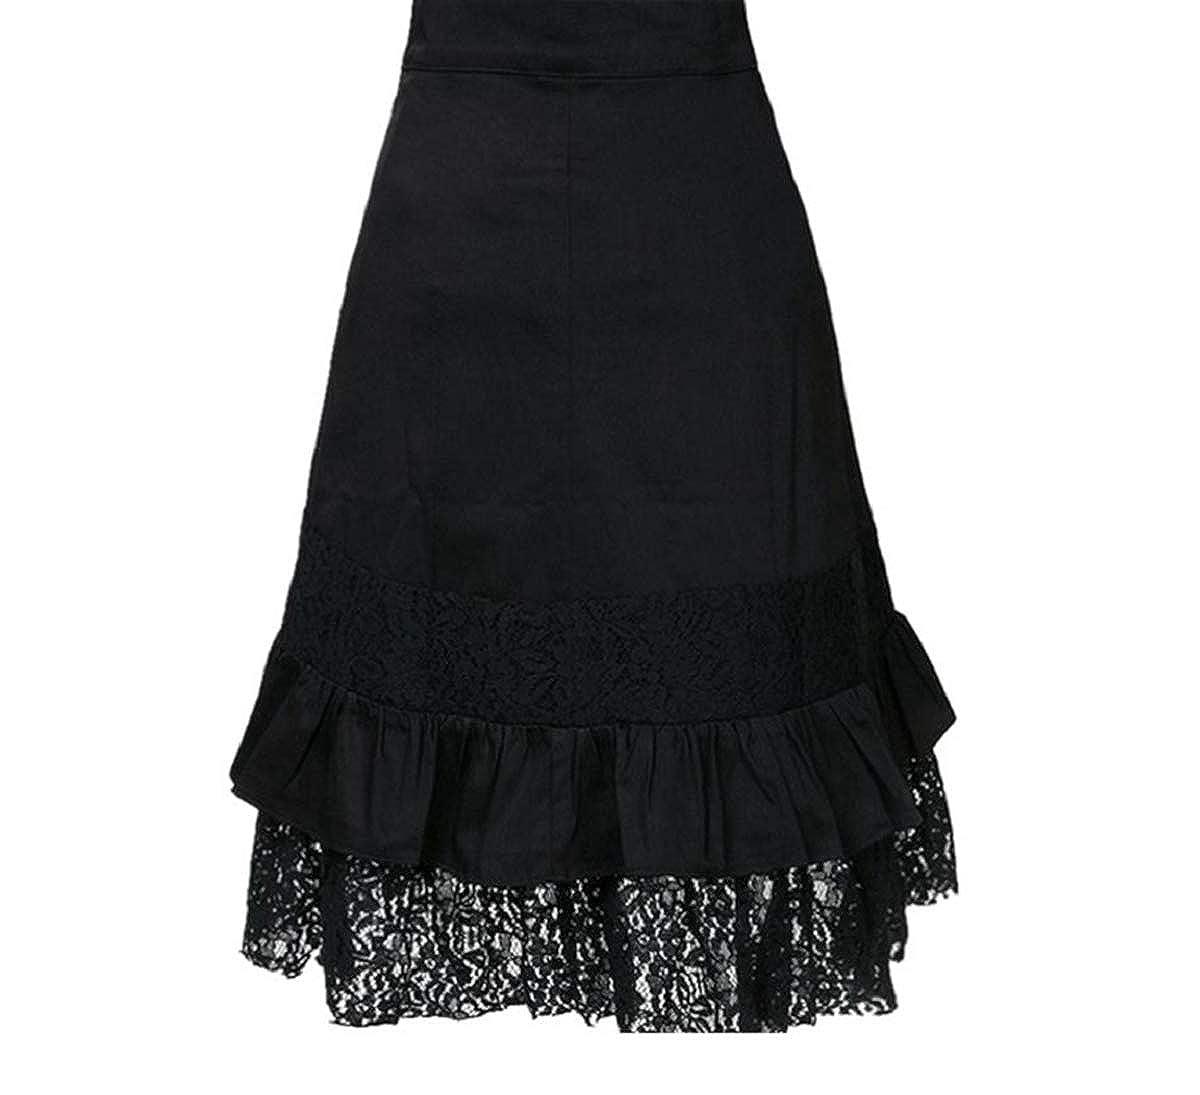 Long Jupe Femmes Dentelle Épissure Gothique Skirt Fashion Côté Feuille de  Lotus Jupes de Party Cocktail ... 88a063aa8b5